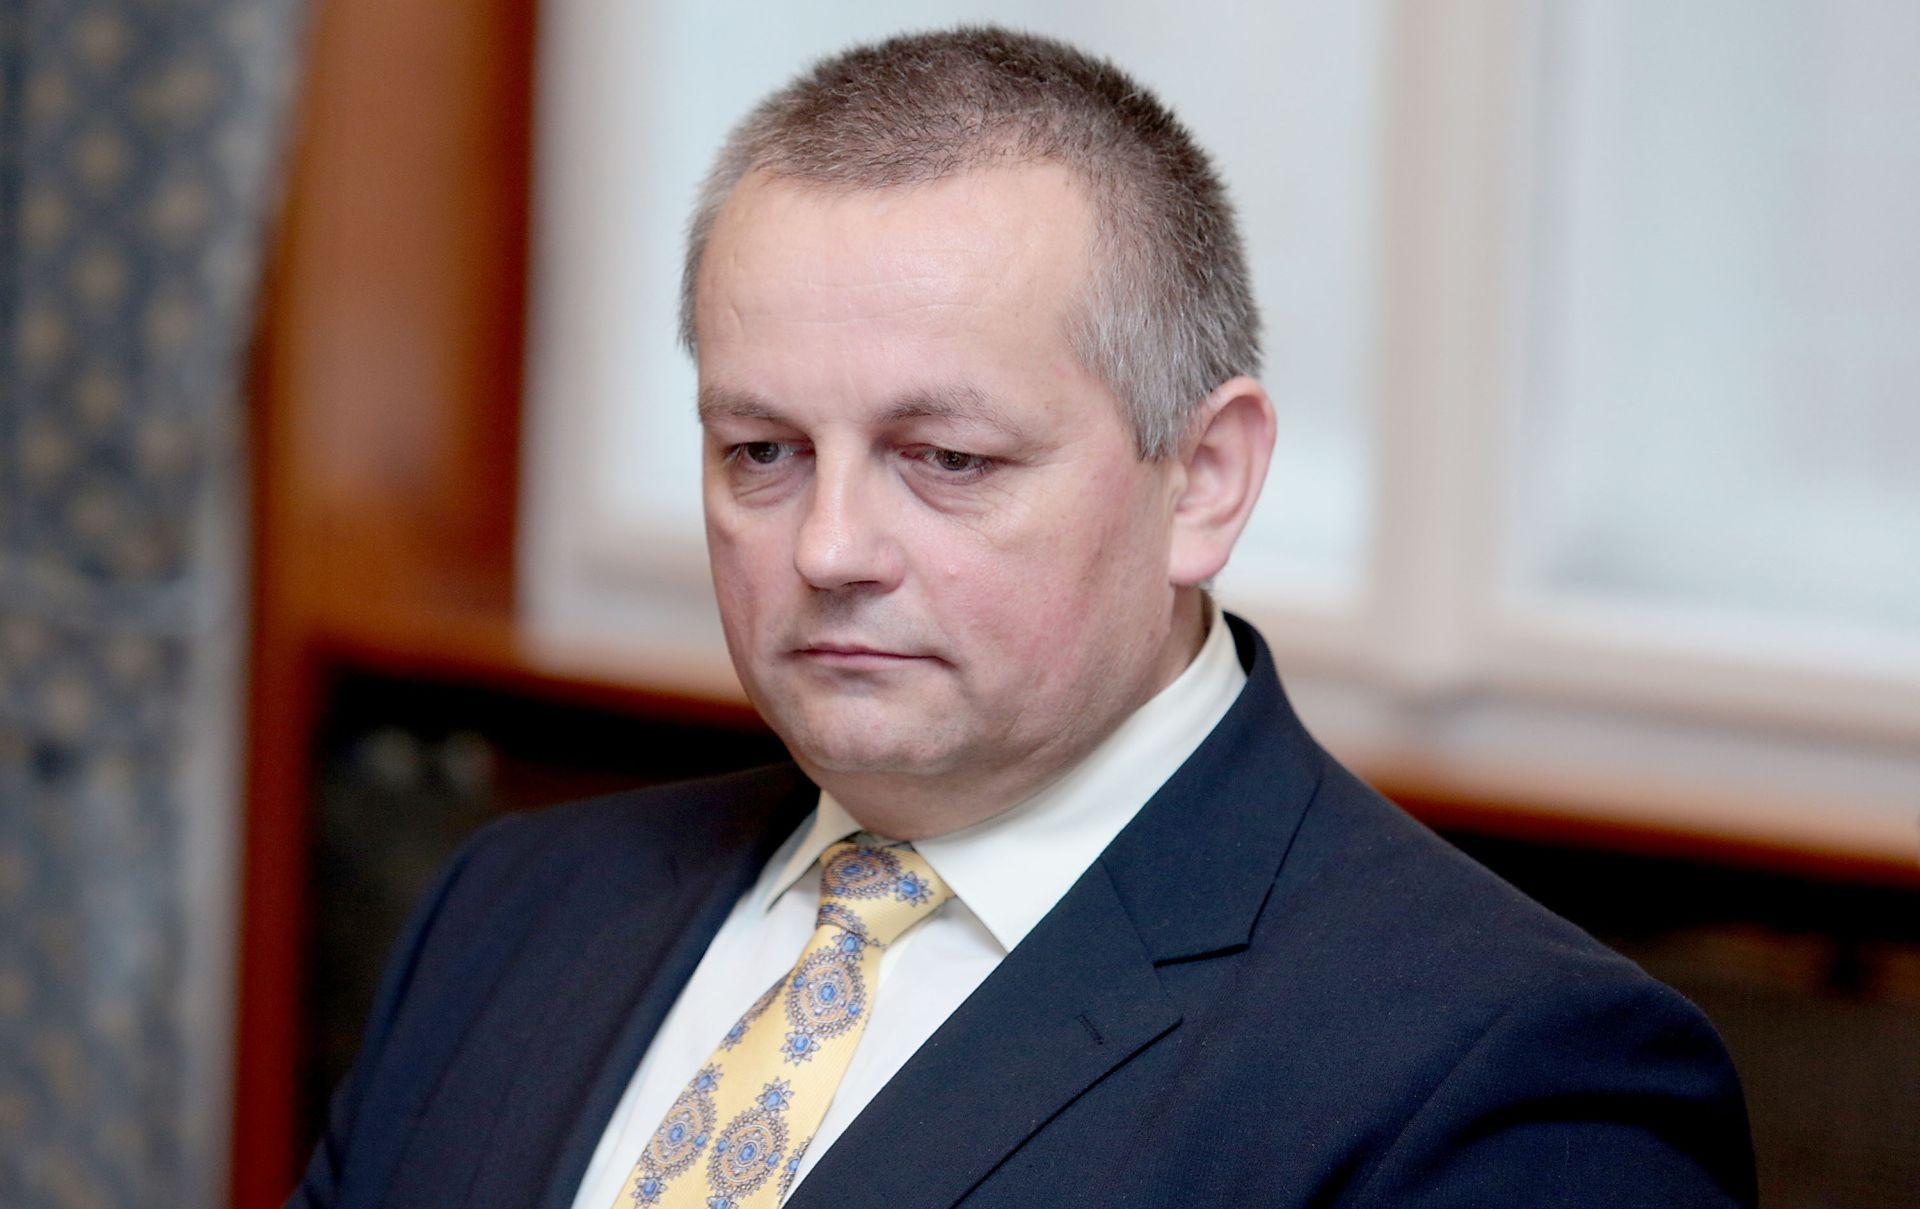 'SVE ĆU VAS TUŽITI' Most traži smjenu Crnoje, njegov kabinet demantira sve optužbe i najavljuje tužbe